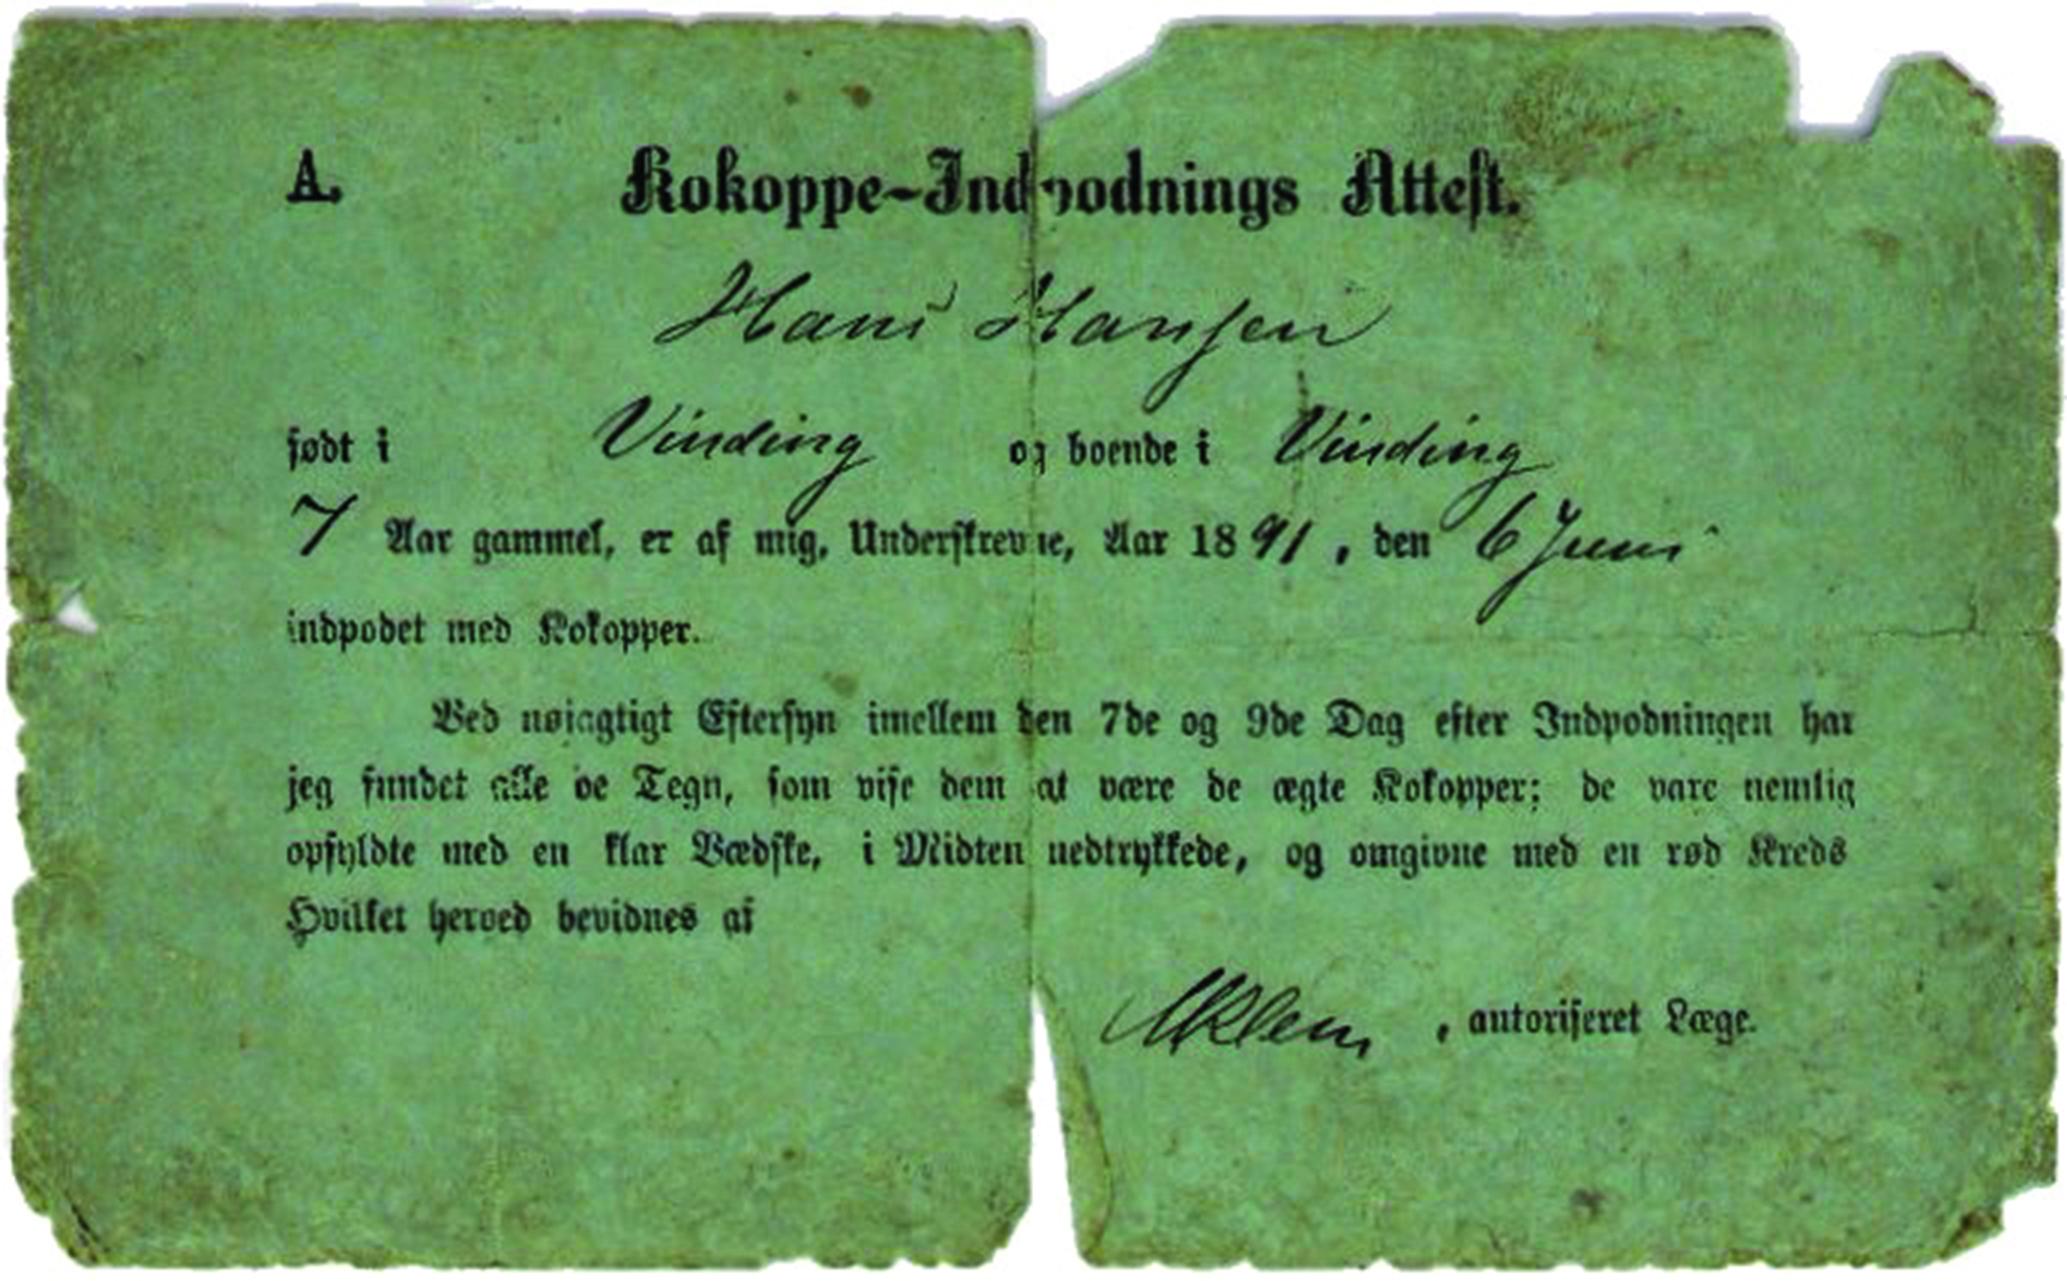 Kokoppeattest for Hans Hansen 1891